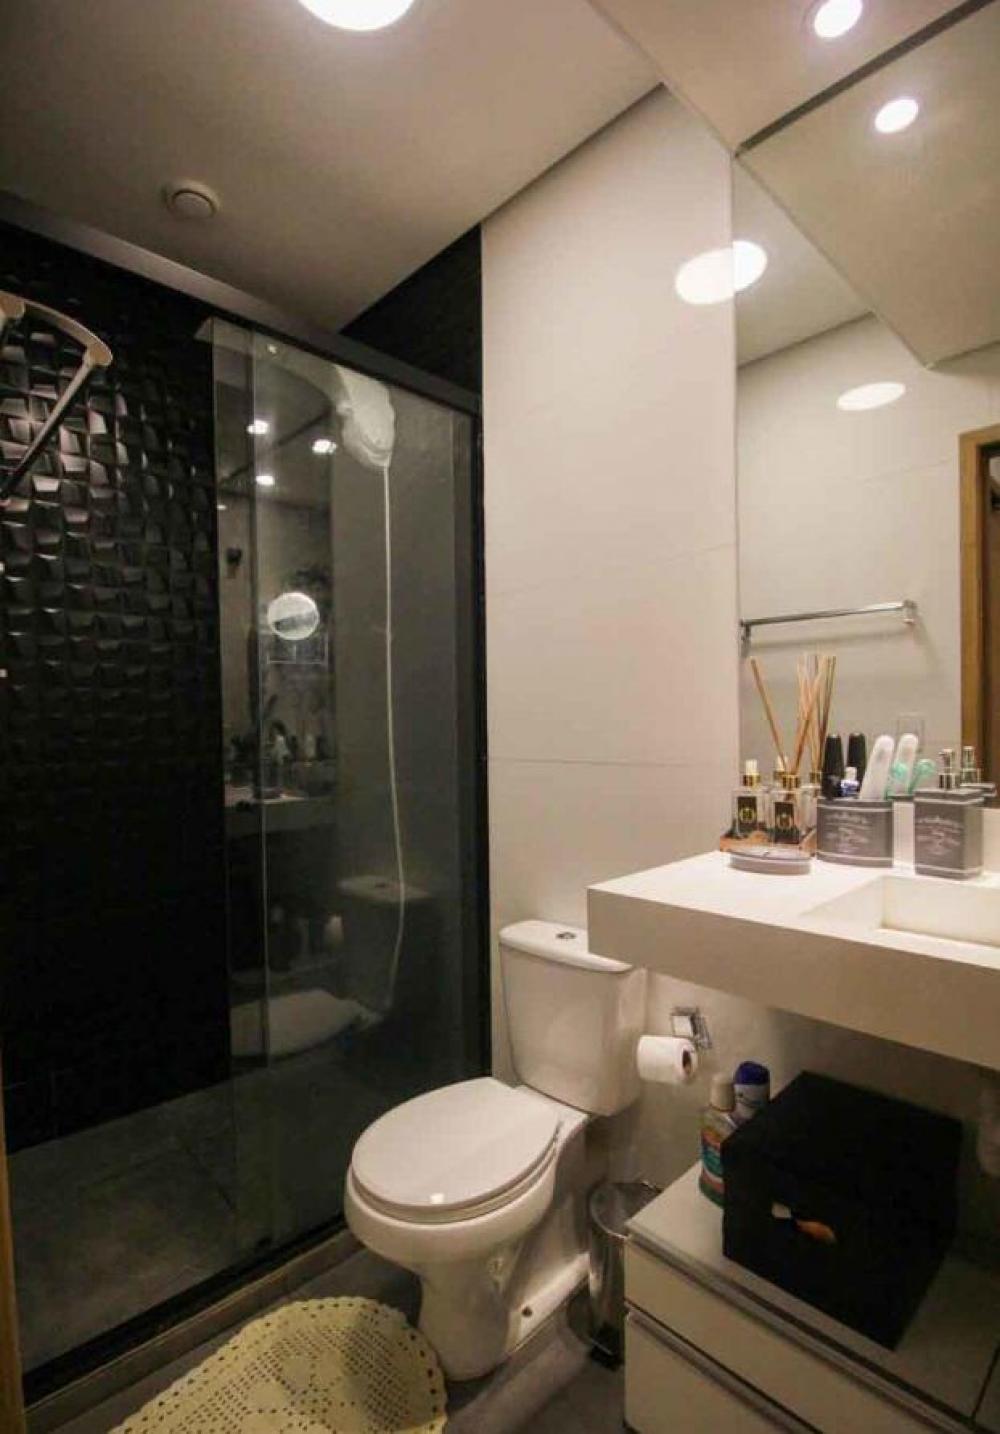 Comprar Apartamento / Padrão em São Paulo R$ 480.000,00 - Foto 20